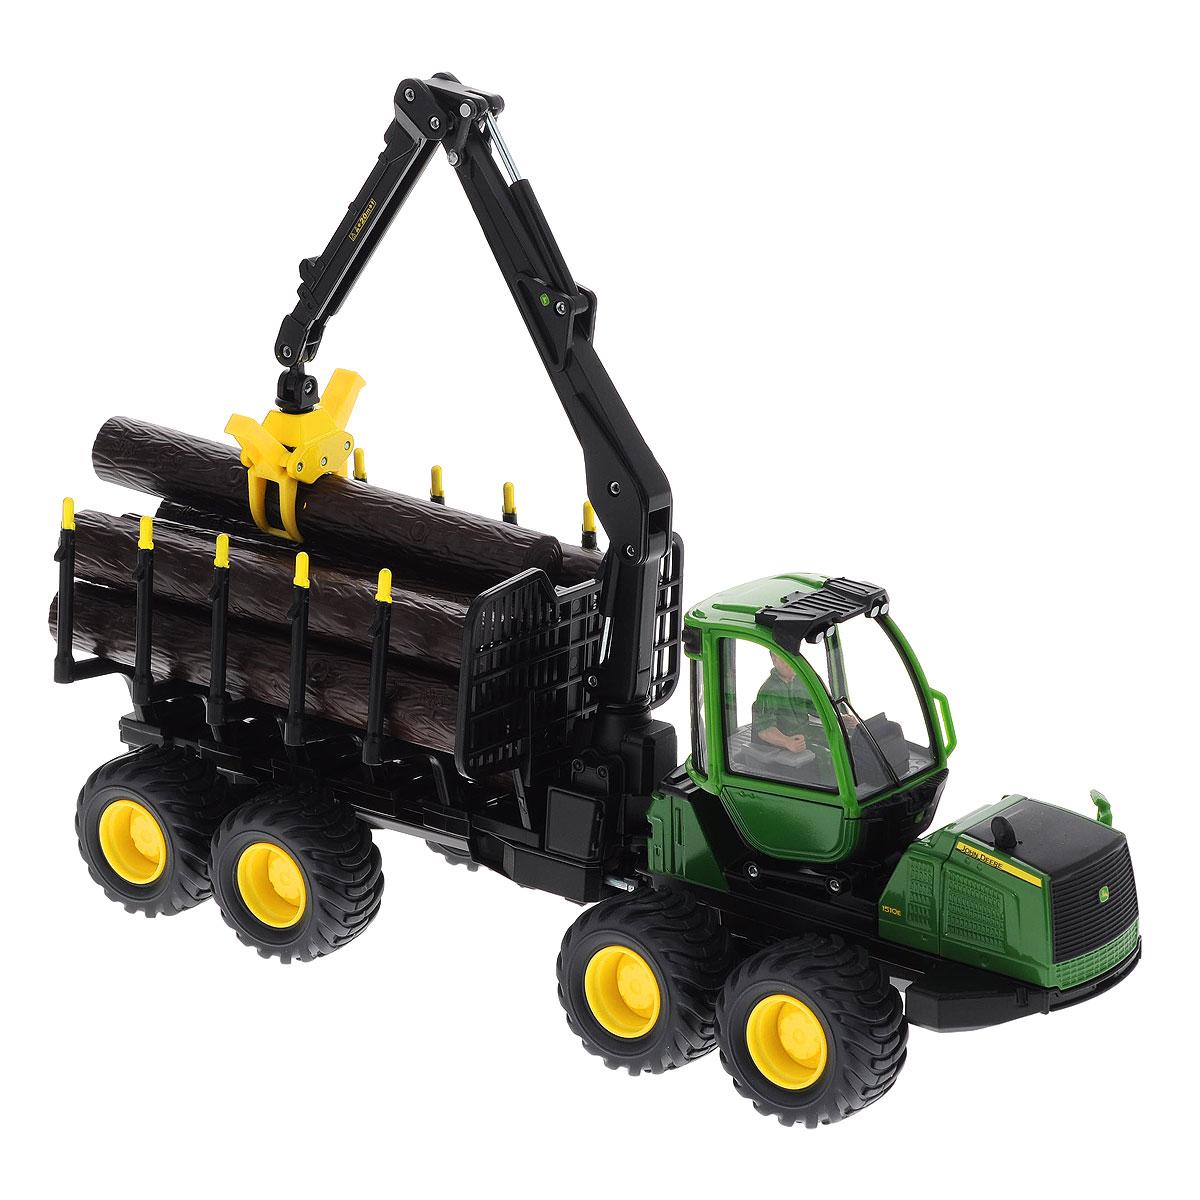 Siku Лесовоз John Deere Forwarder4061Коллекционная модель Siku John Deere Forwarder выполнена в виде точной копии укладчика бревен с кузовом и захватом для бревен в масштабе 1/32. Такая модель понравится не только ребенку, но и взрослому коллекционеру и приятно удивит вас высочайшим качеством исполнения. Корпус трактора выполнен из металла, кабина трактора из пластика, стекла из прозрачного пластика, колеса прорезинены. Бревна выполнены из пластика. Кабина вращается вокруг своей оси. Передние колеса поворачиваются. Стрела поворачивается, поднимается и опускается, может захватывать брёвна, в кабине фигурка оператора. Коллекционная модель отличается великолепным качеством исполнения и детальной проработкой, она станет не только интересной игрушкой для ребенка, интересующегося агротехникой, но и займет достойное место в любой коллекции.